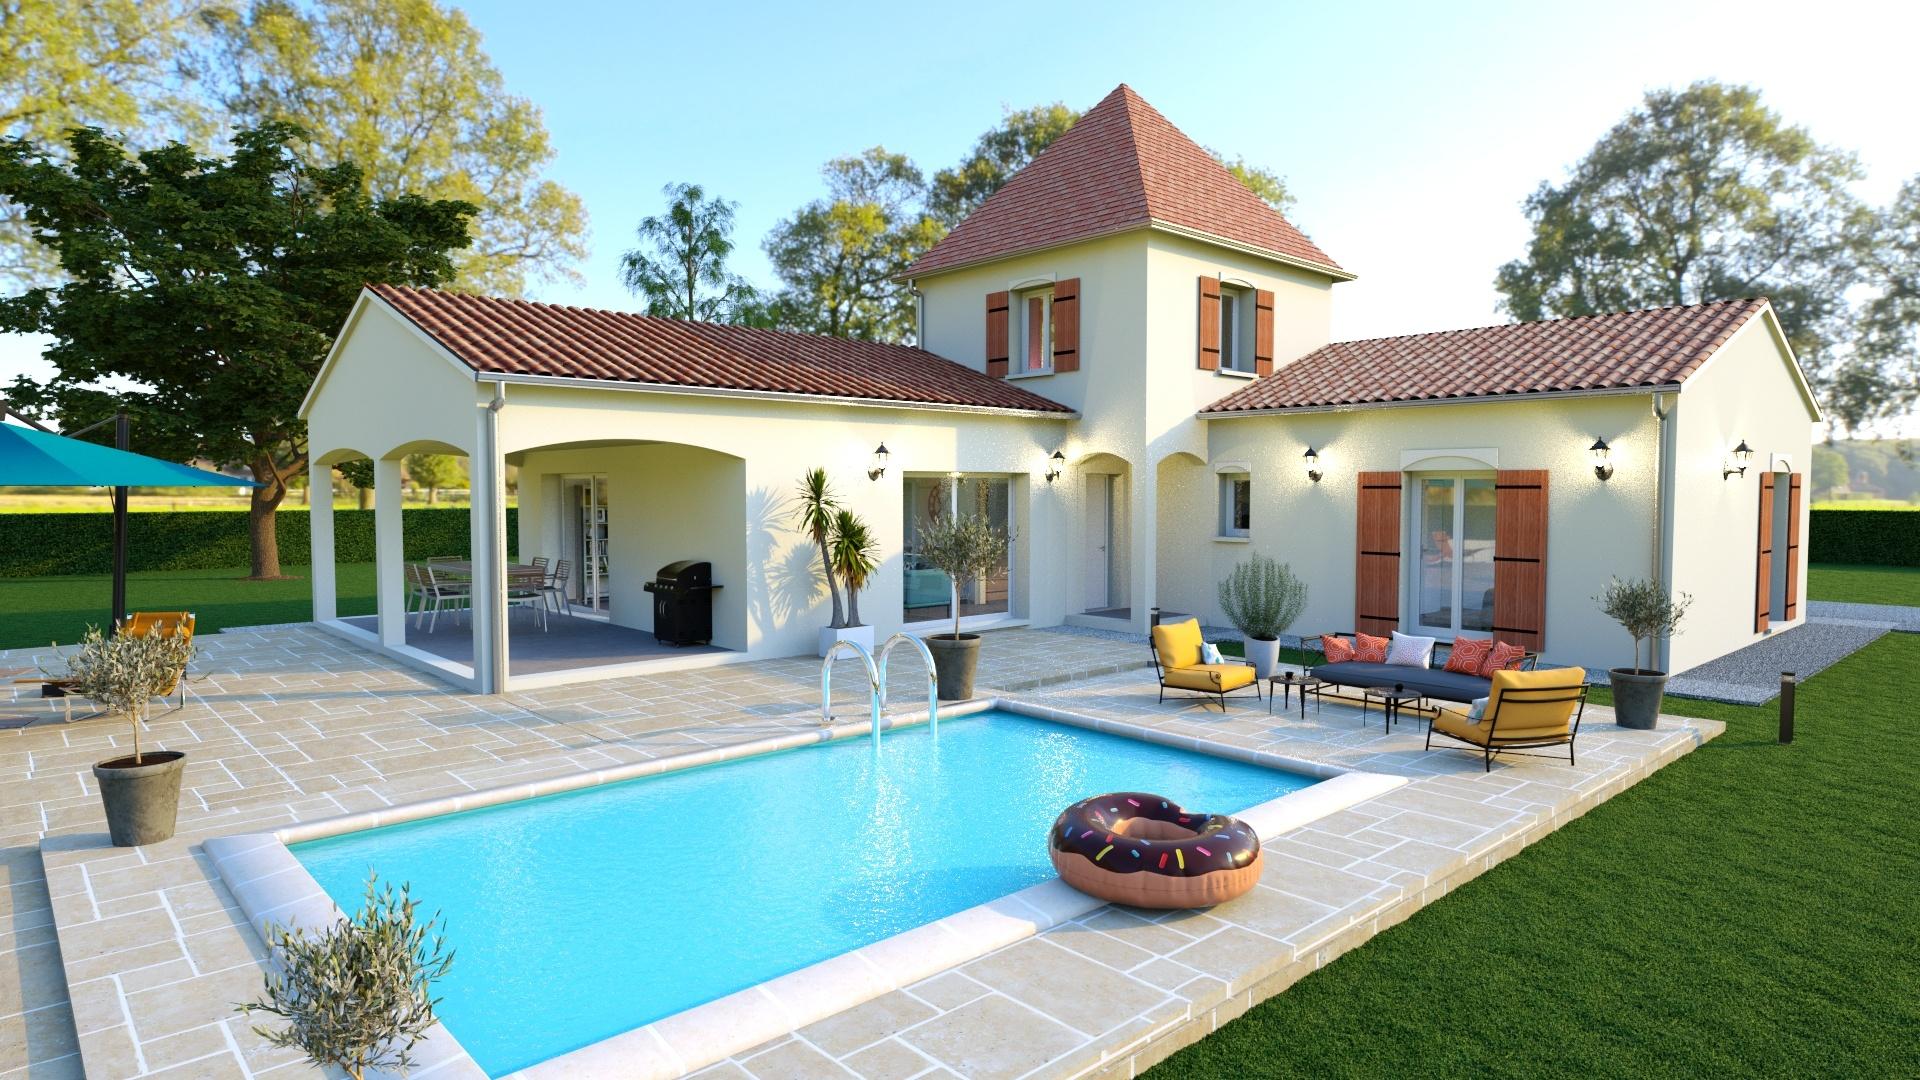 Maison à construire à Saint-Germain-du-Salembre(24190)  sur un terrain de 2858m²